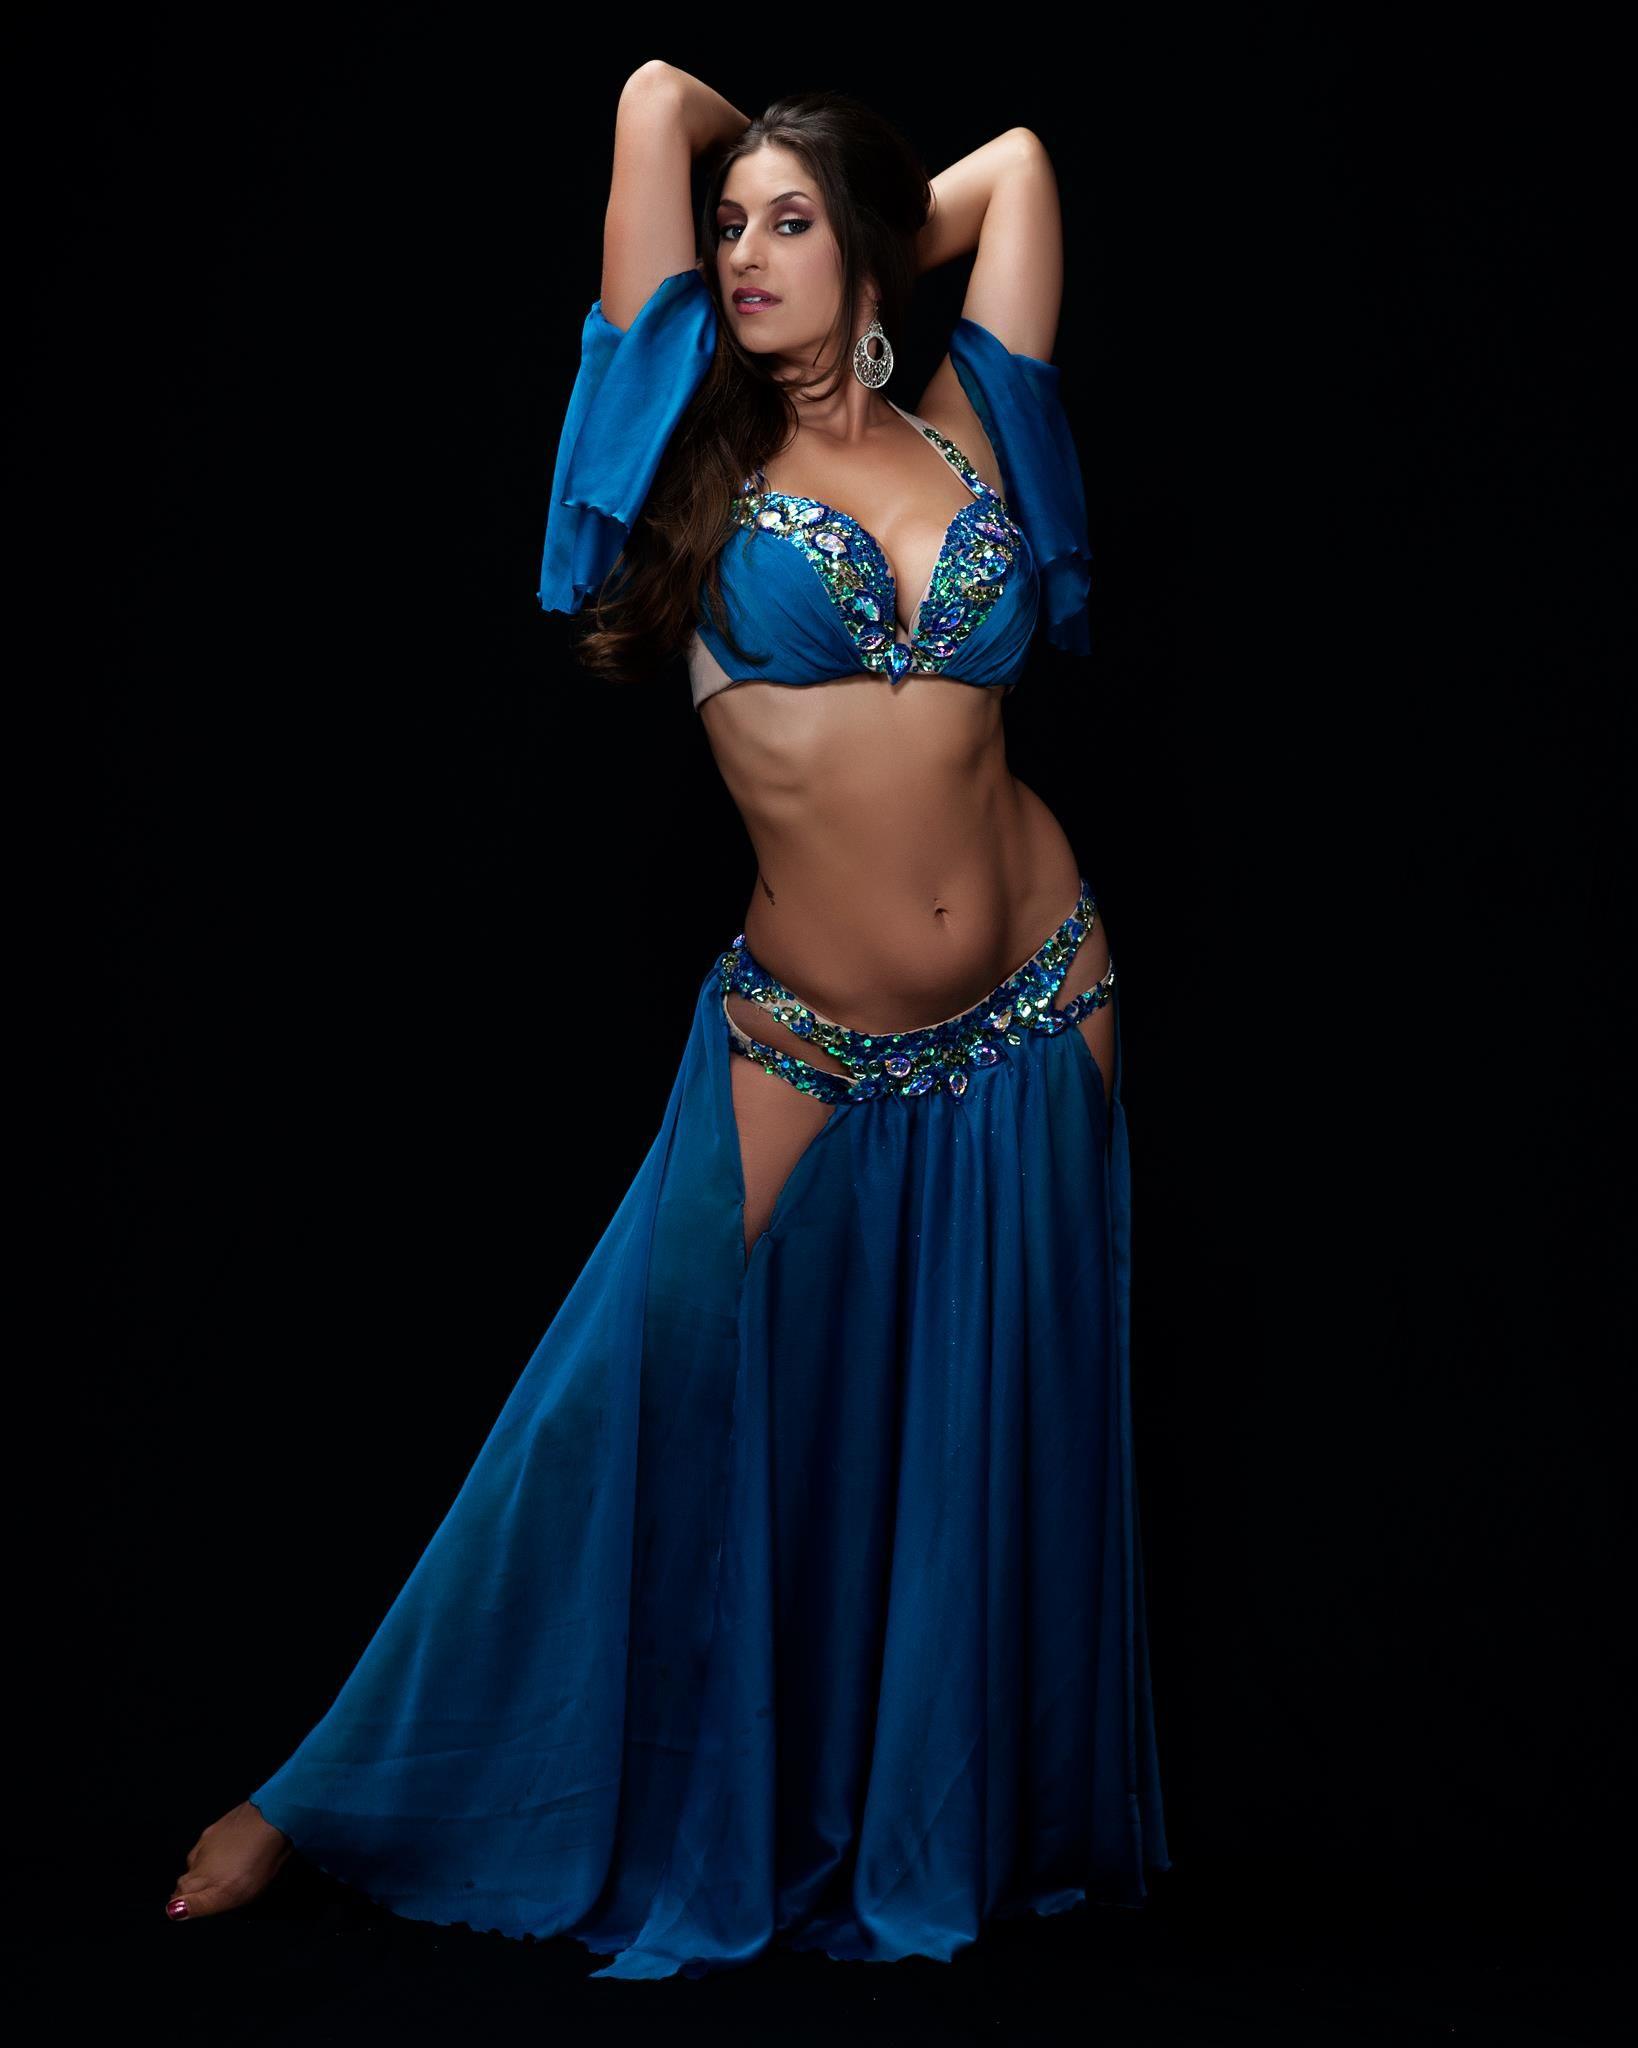 Танец живота с зротикой 23 фотография